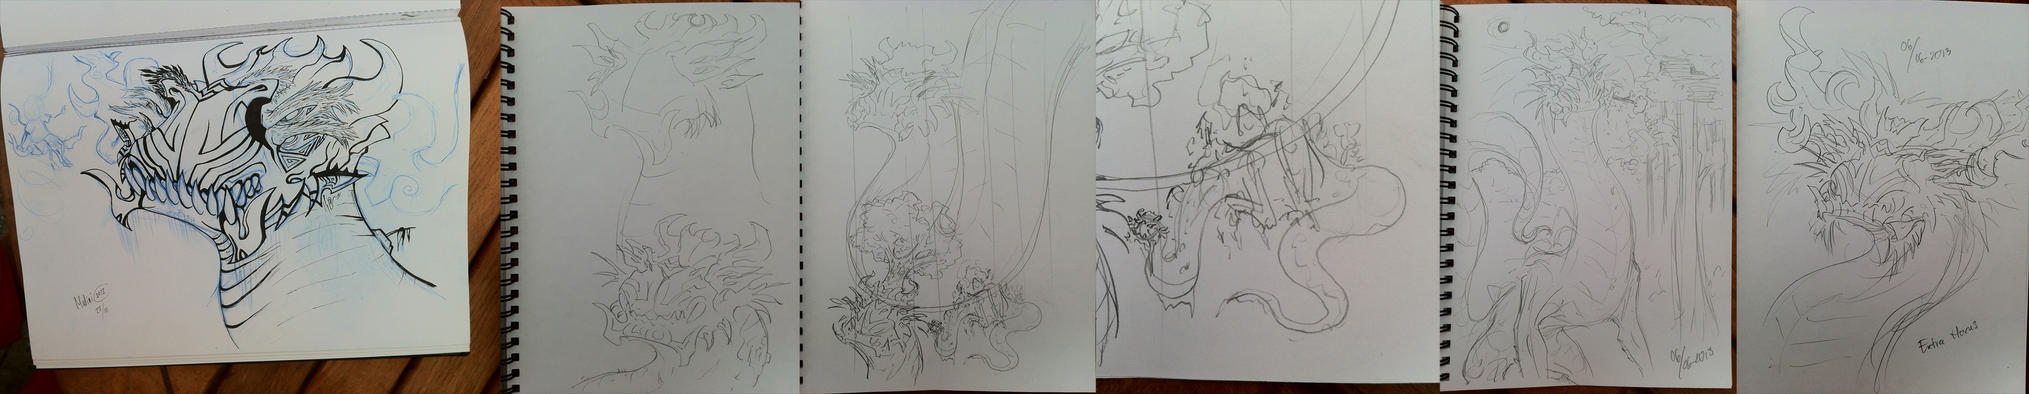 Wood Warden Dragon by Malinidk